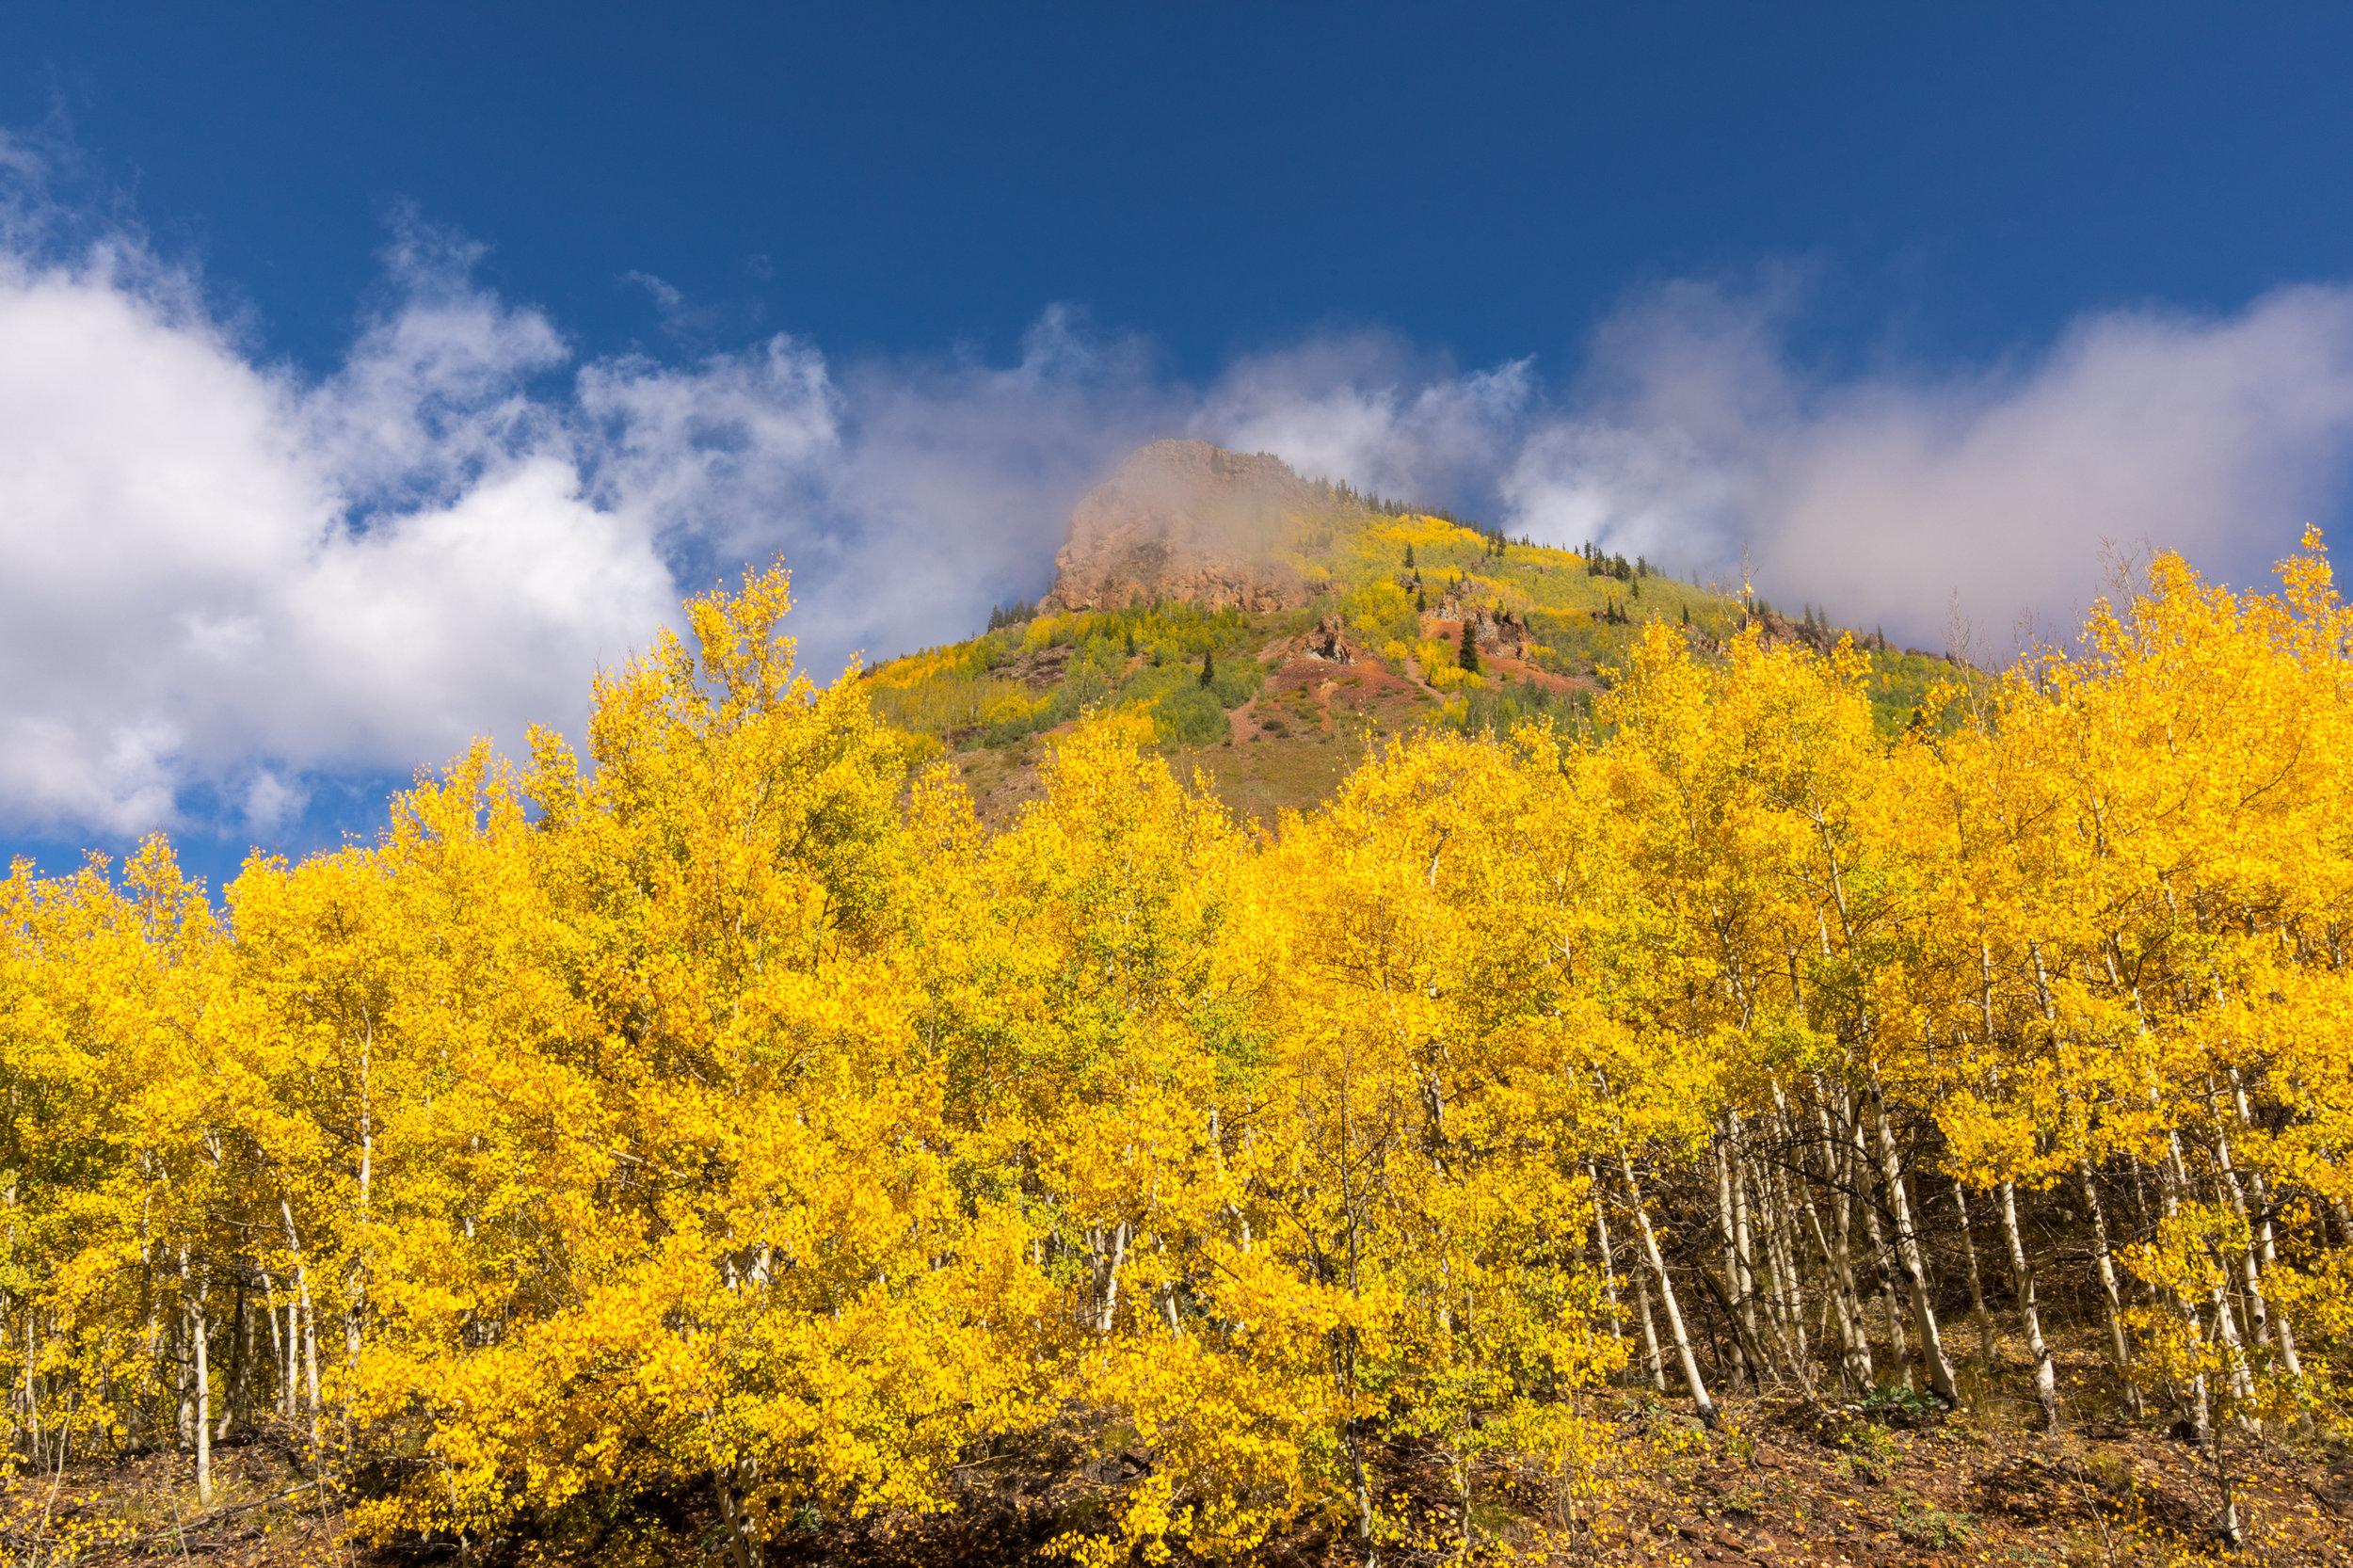 Silverton, Colorado, Image # 0807